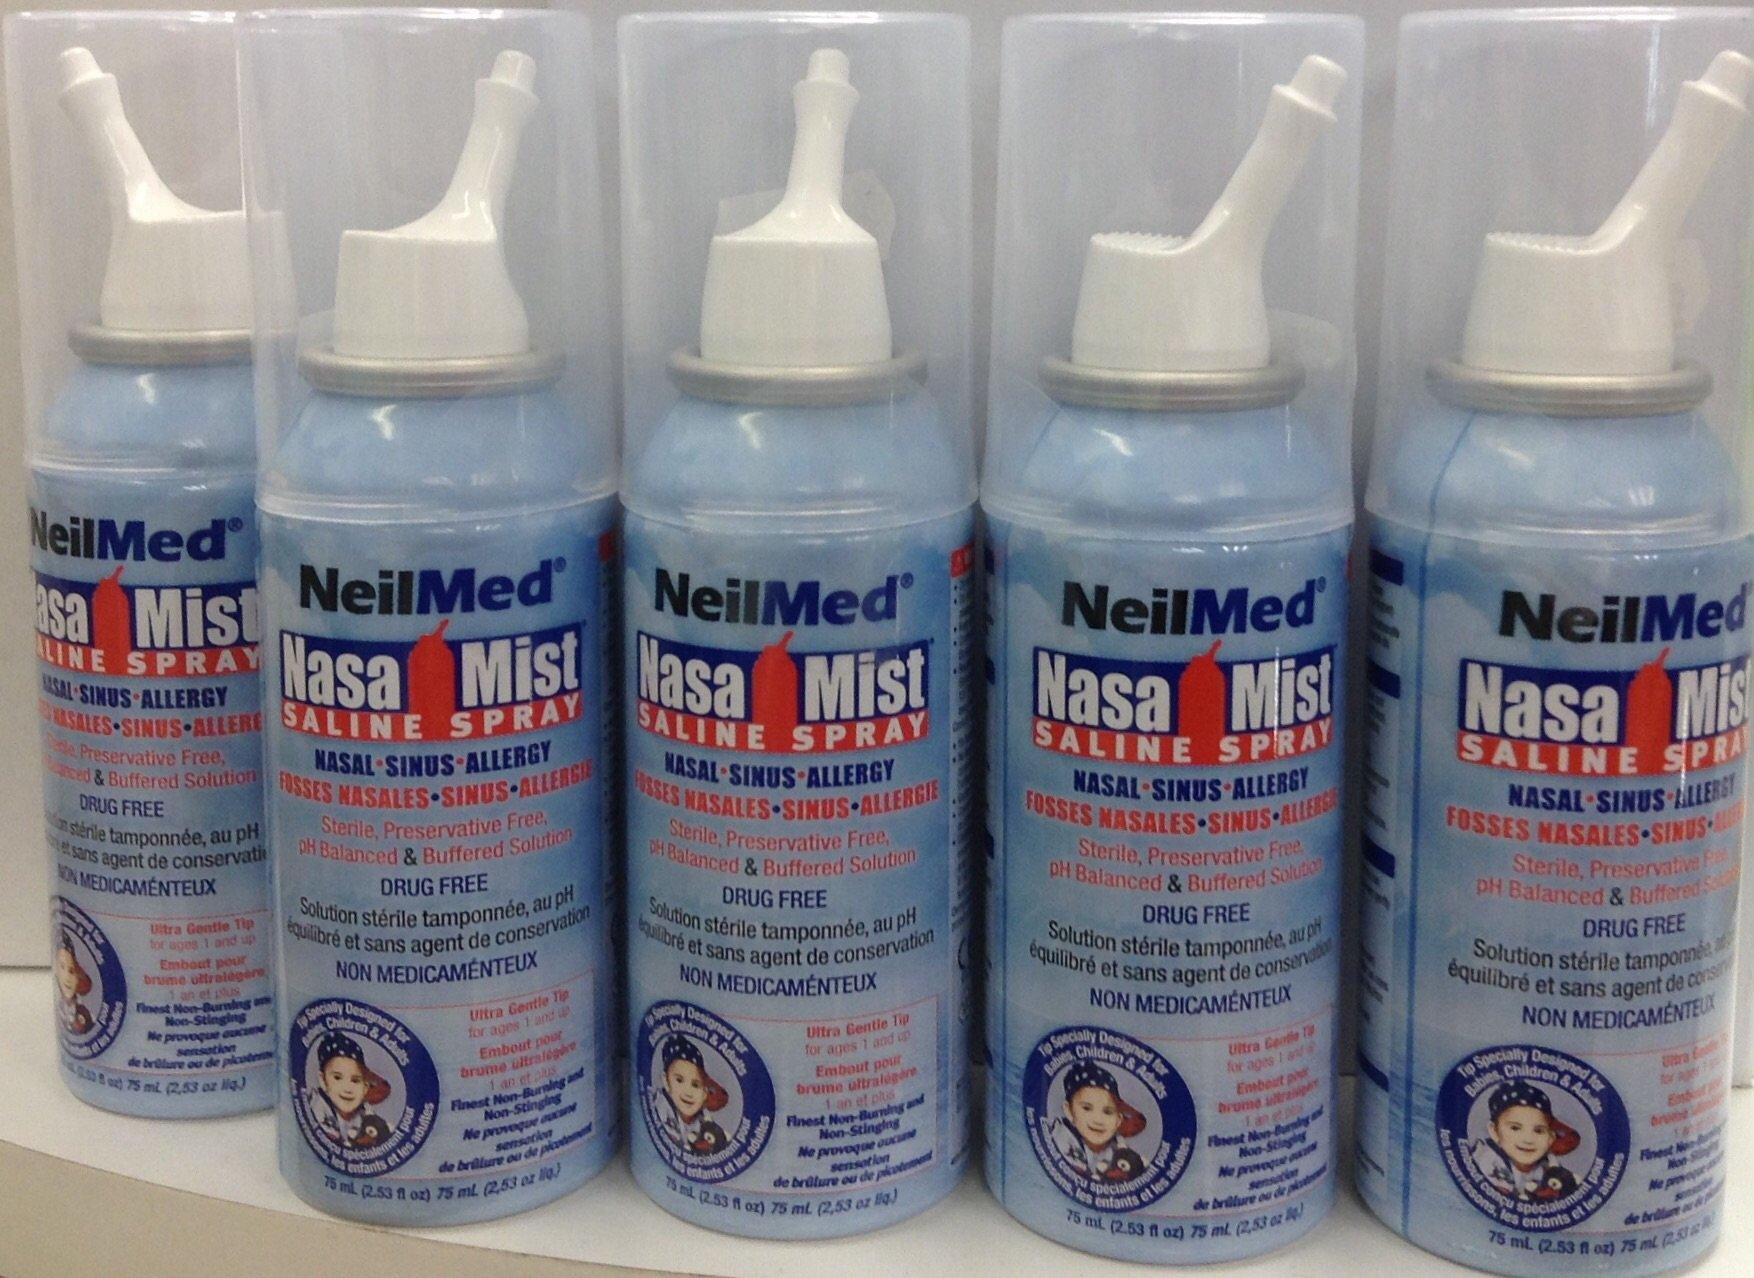 Neilmed Nasamist Saline Spray - 75 Ml by NeilMed